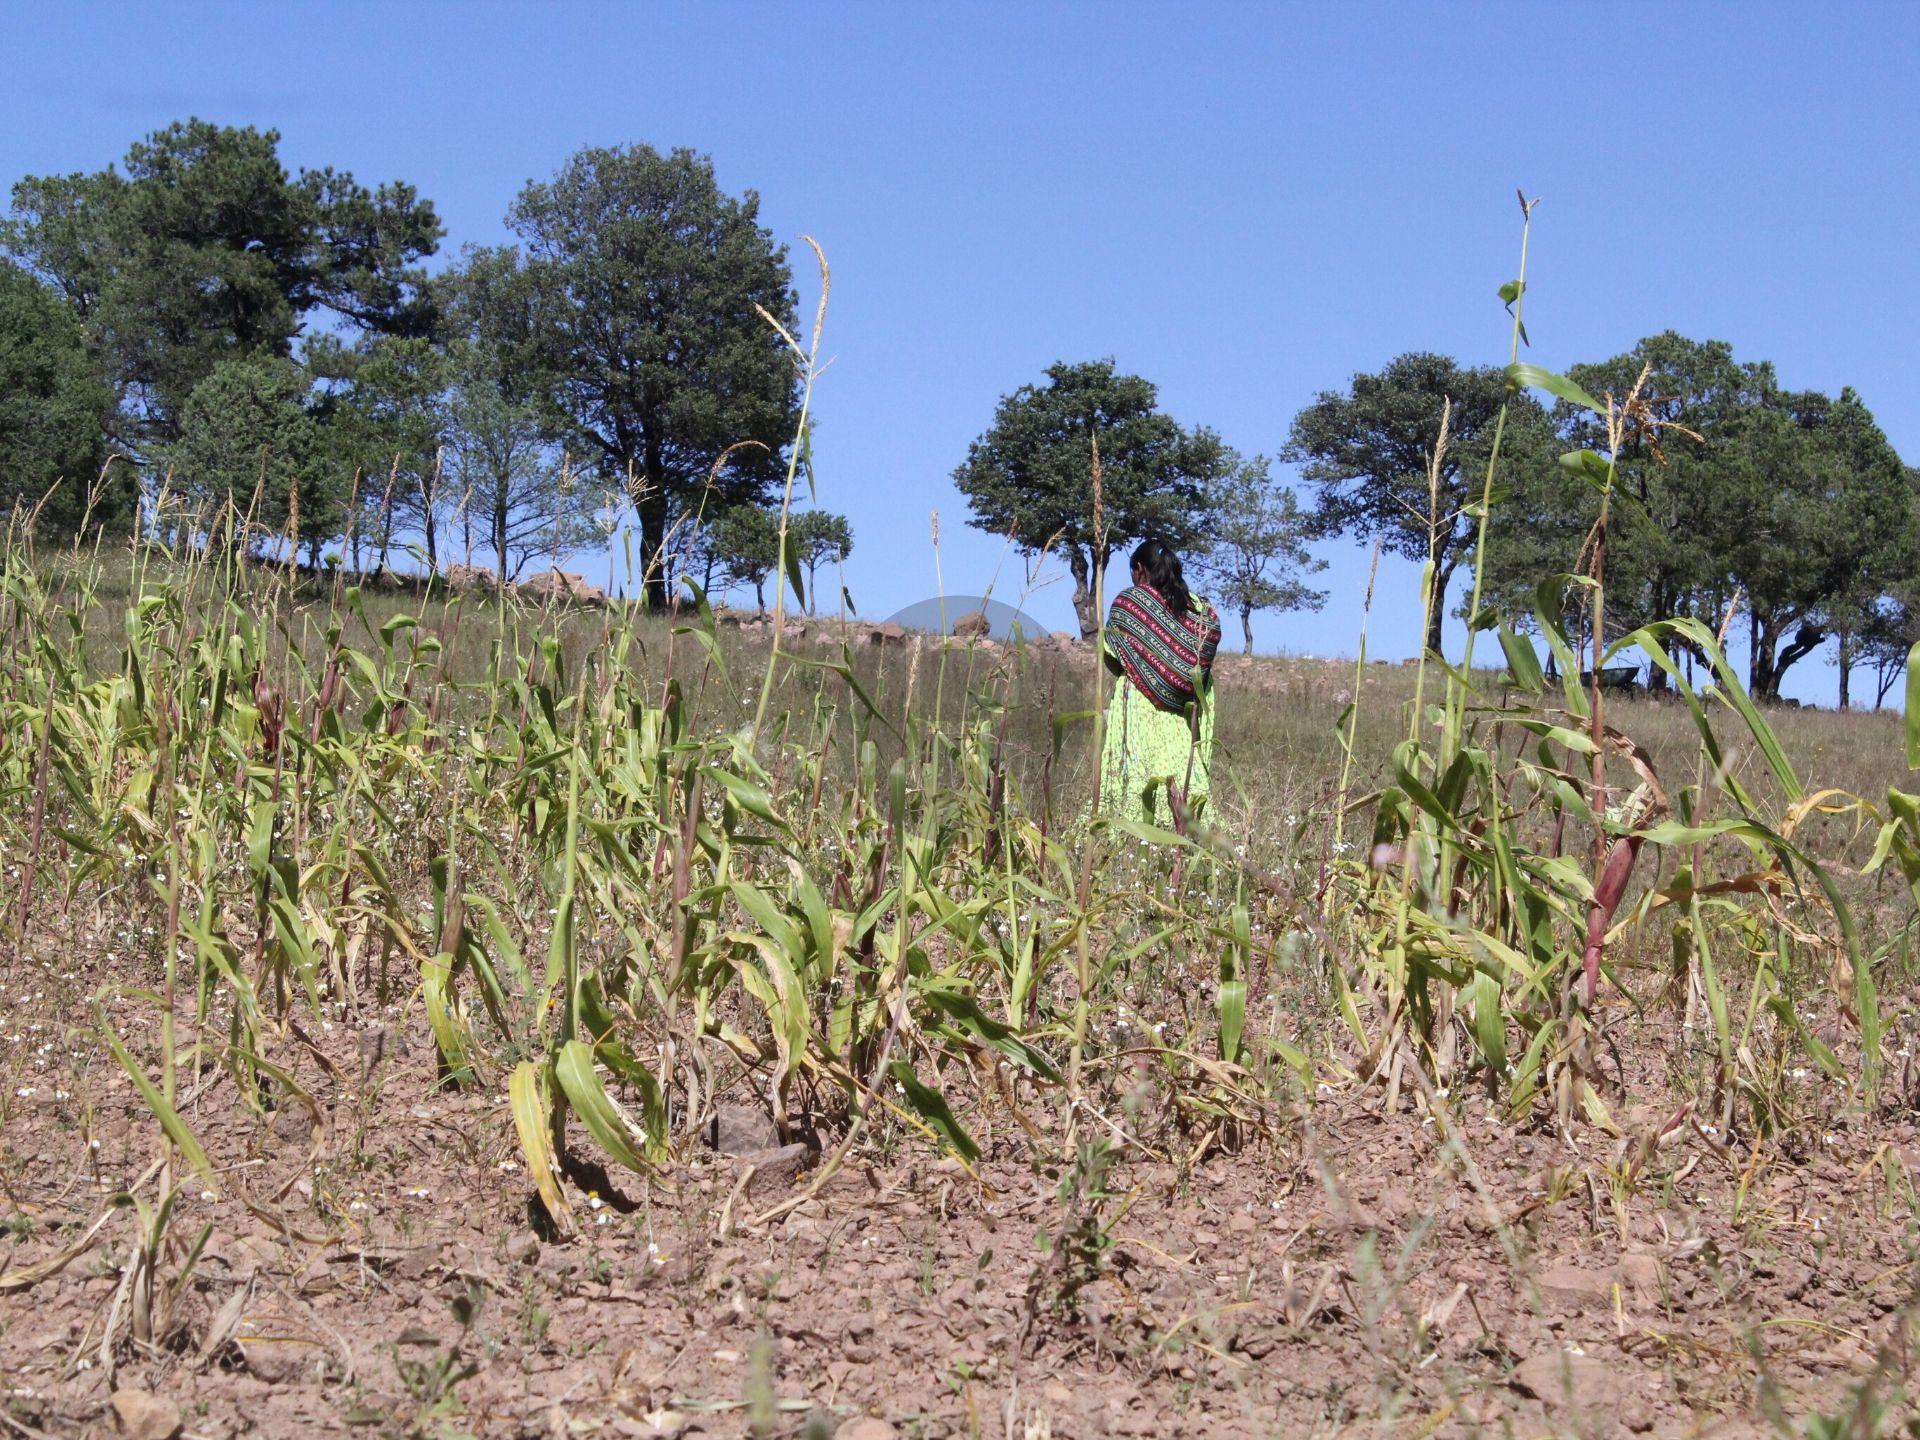 Sequía provocó exiguas cosechas en la Tarahumara; vaticinan hambruna y migración en pueblos rarámuri